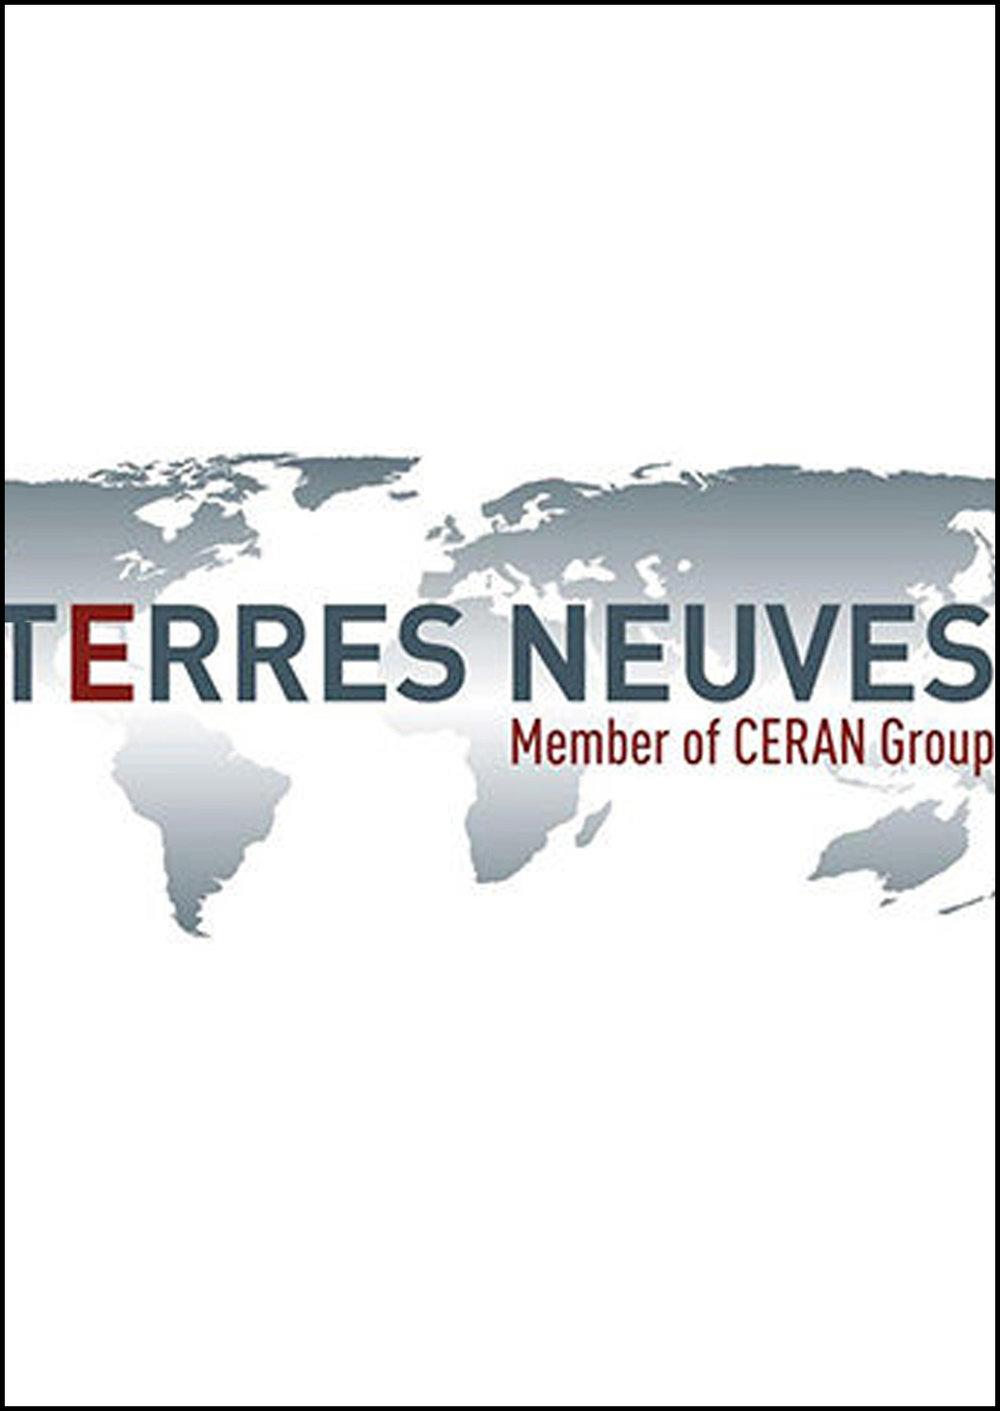 TERRES NEUVES - PARIS LA DÉFENSE, FRANCEExpo: 01/03/2013 - 31/08/2013Private exhibition